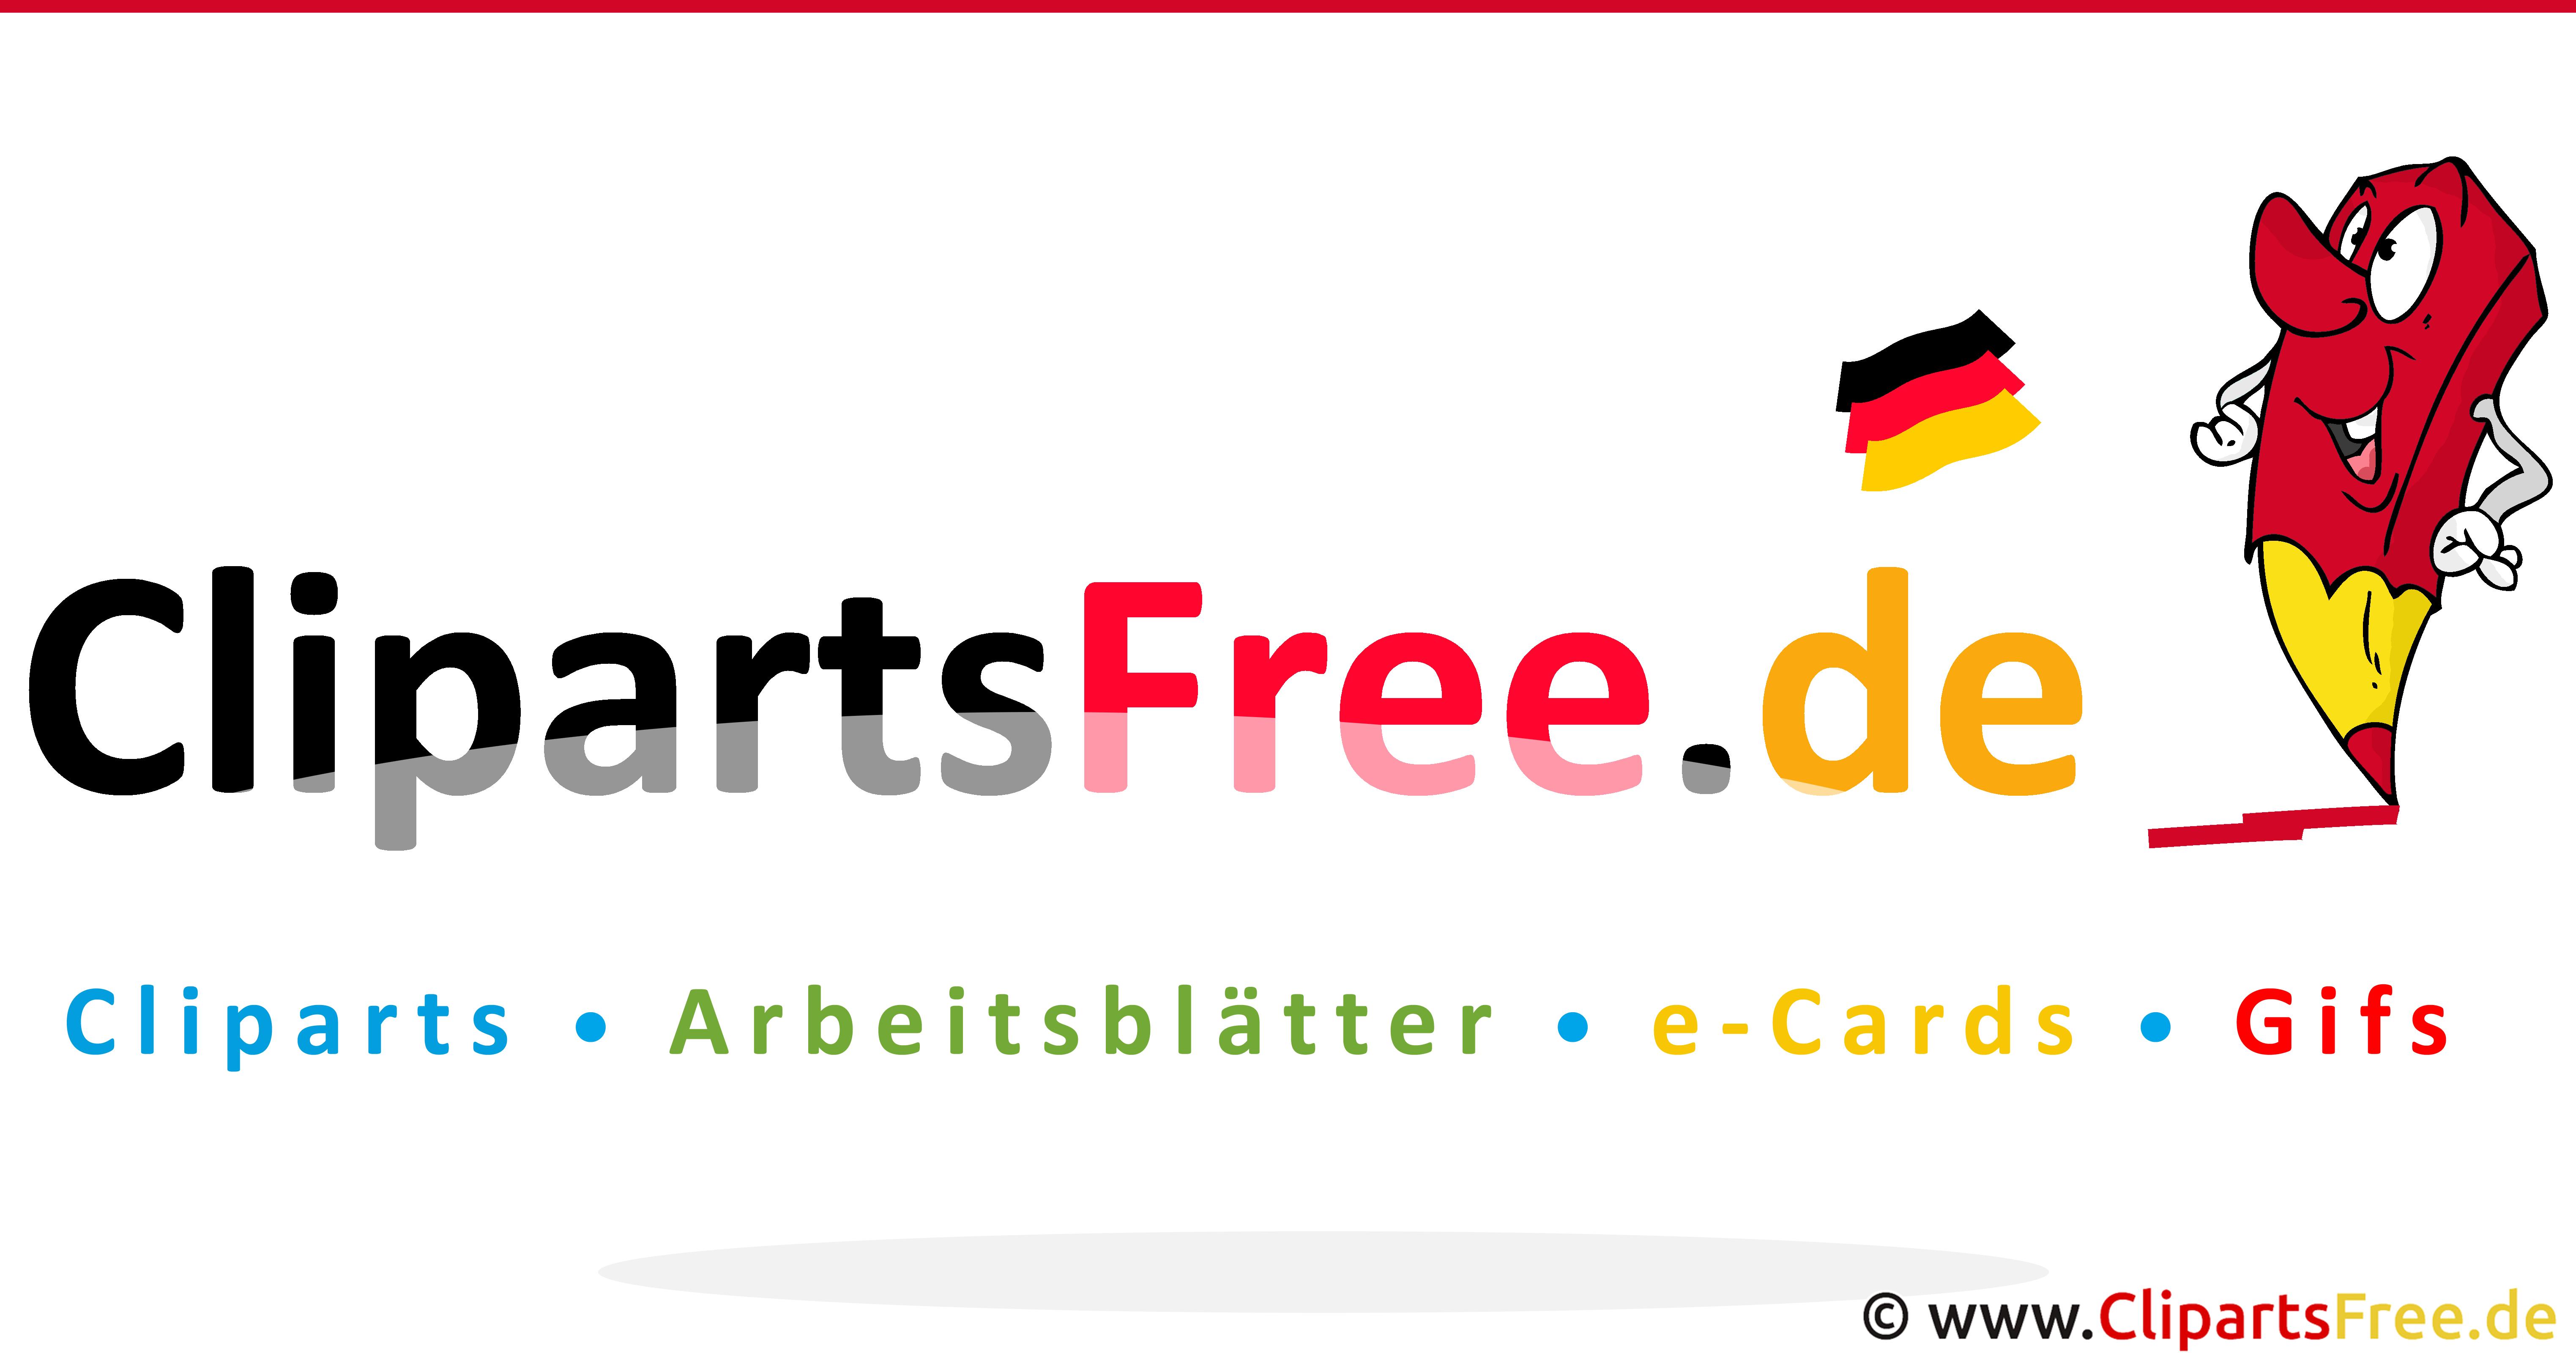 Clipartsfree.de Logo - Kostenlose Bilder, Grafiken, eCards, Arbeitsblätter, Cartoons